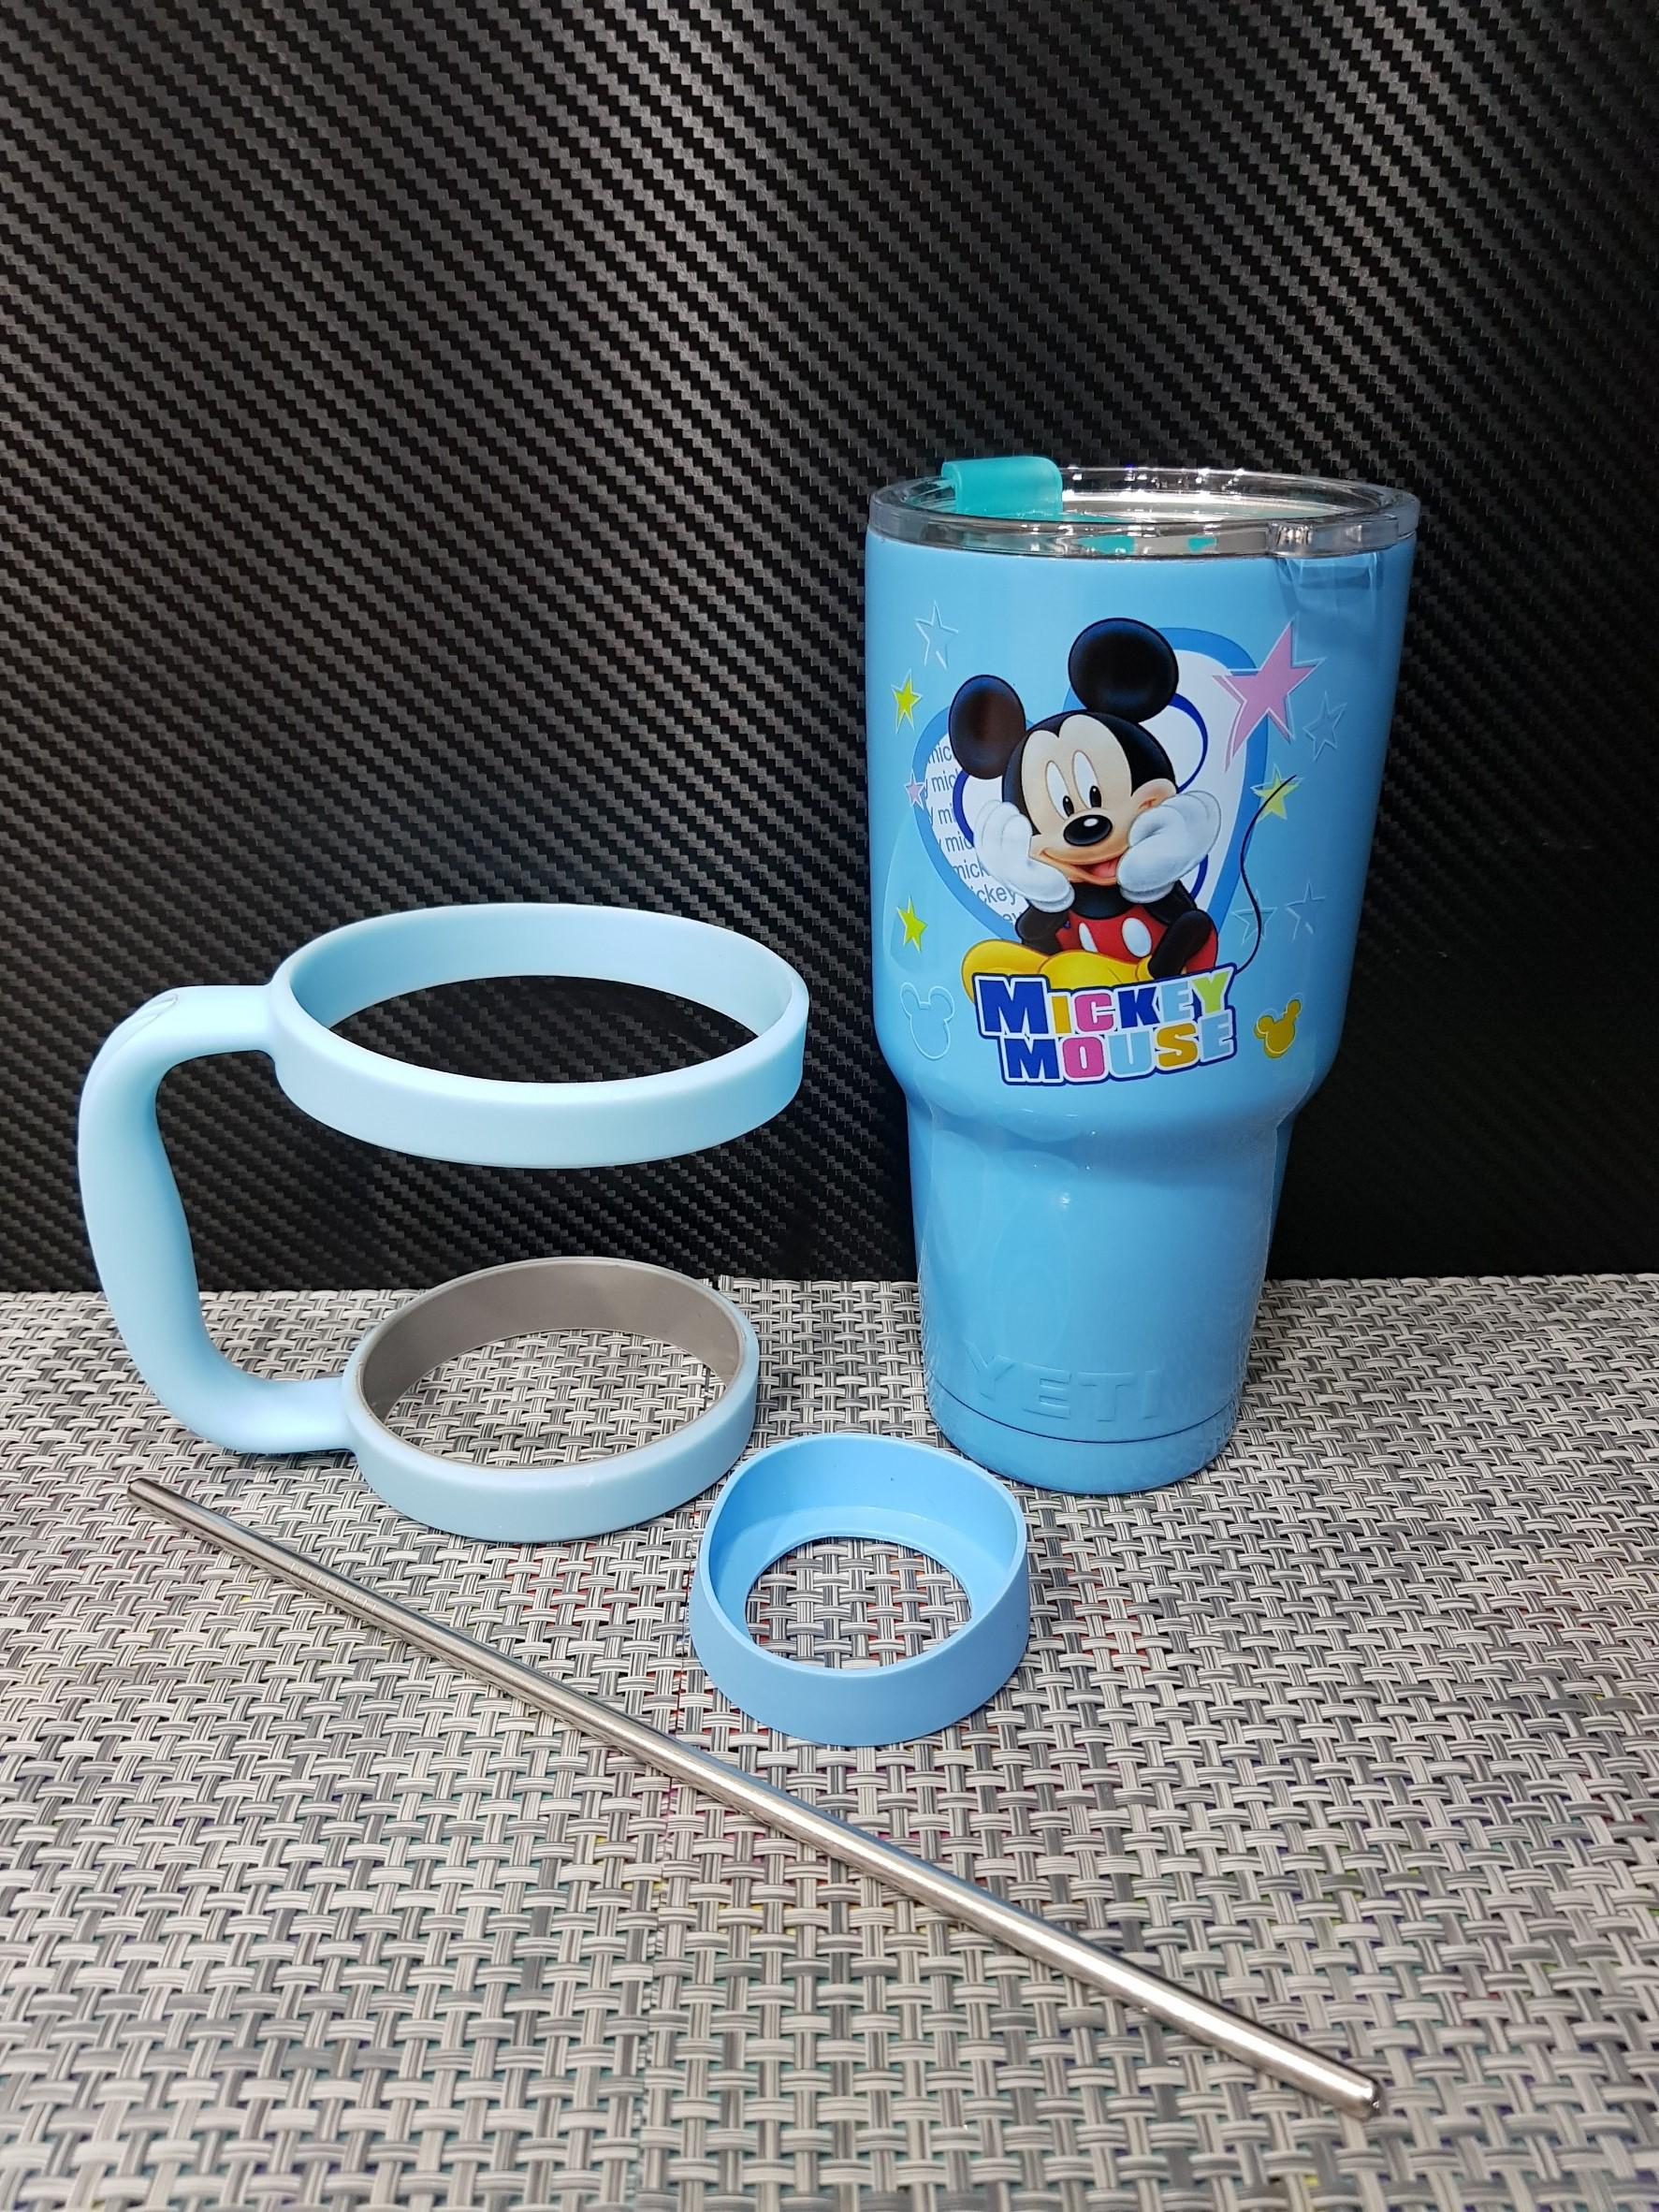 ชุดแก้วเยติ 30 ออนซ์ พื้นสีฟ้า ลายการ์ตูน มิกกี้เม้าส์เท้าคาง